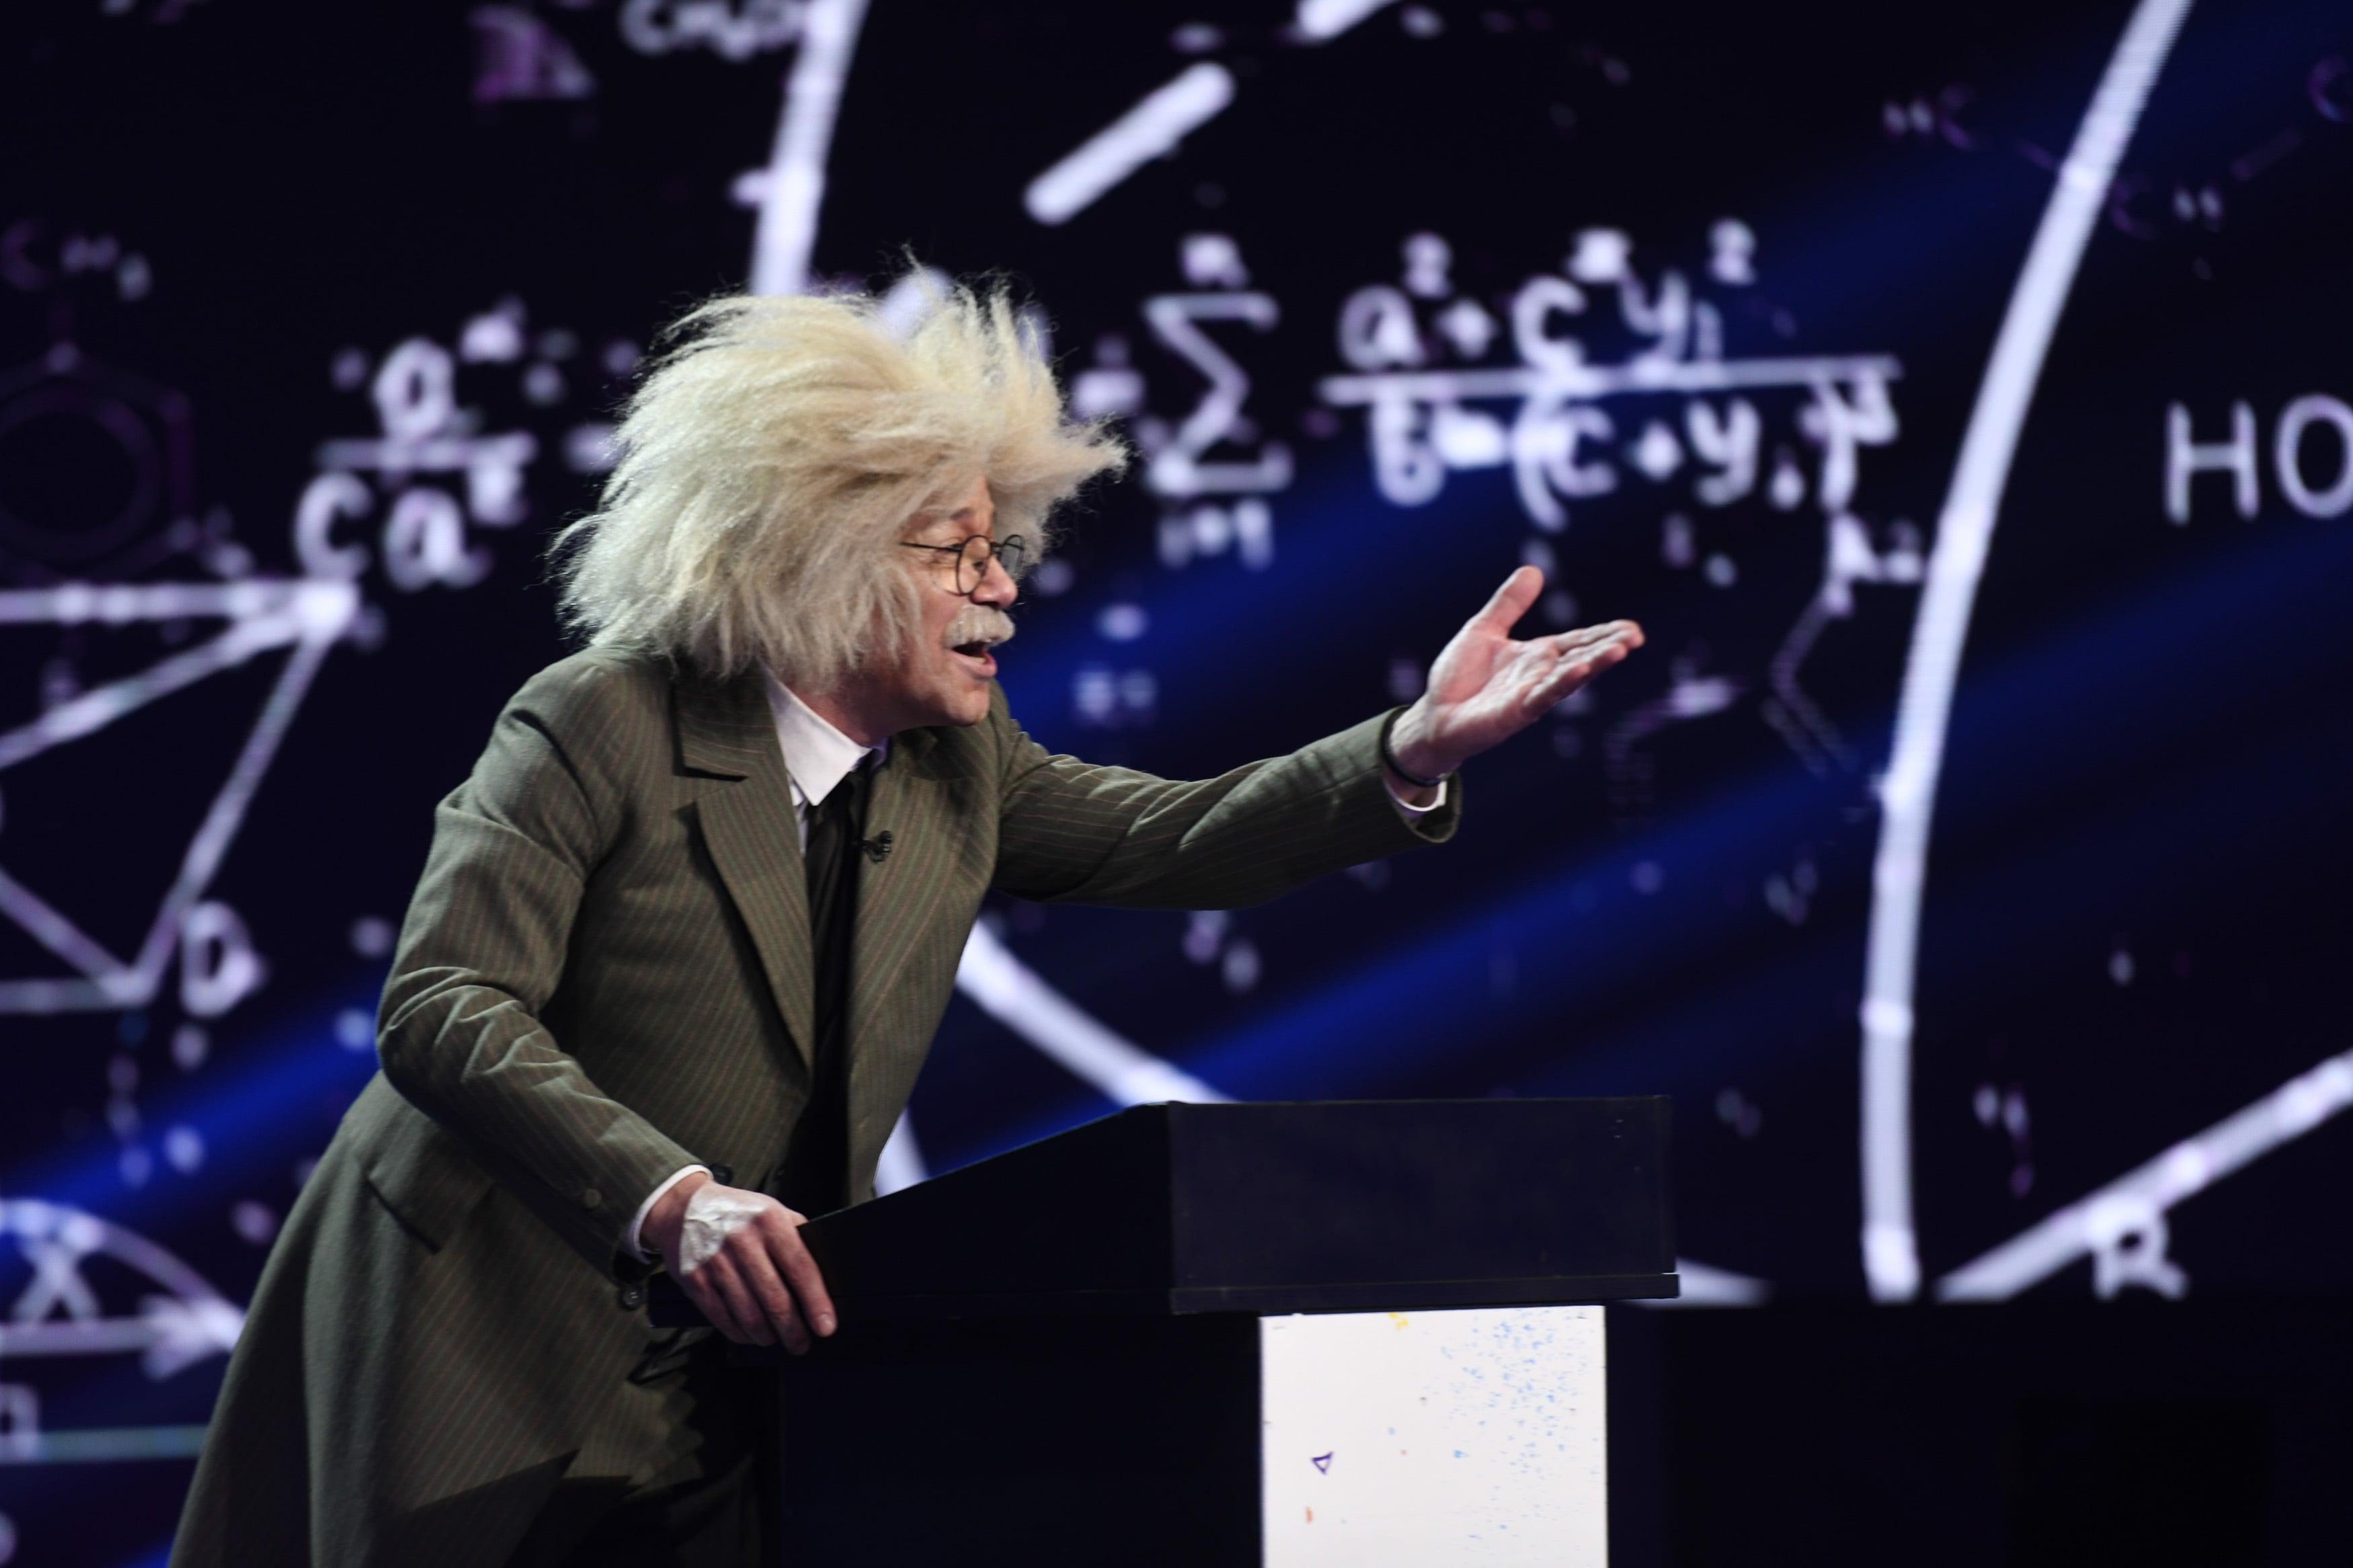 iUmor, 7 aprilie 2021. Albert Einstein, roast istoric pe scena comediei. Ce a spus despre Delia și Cheloo